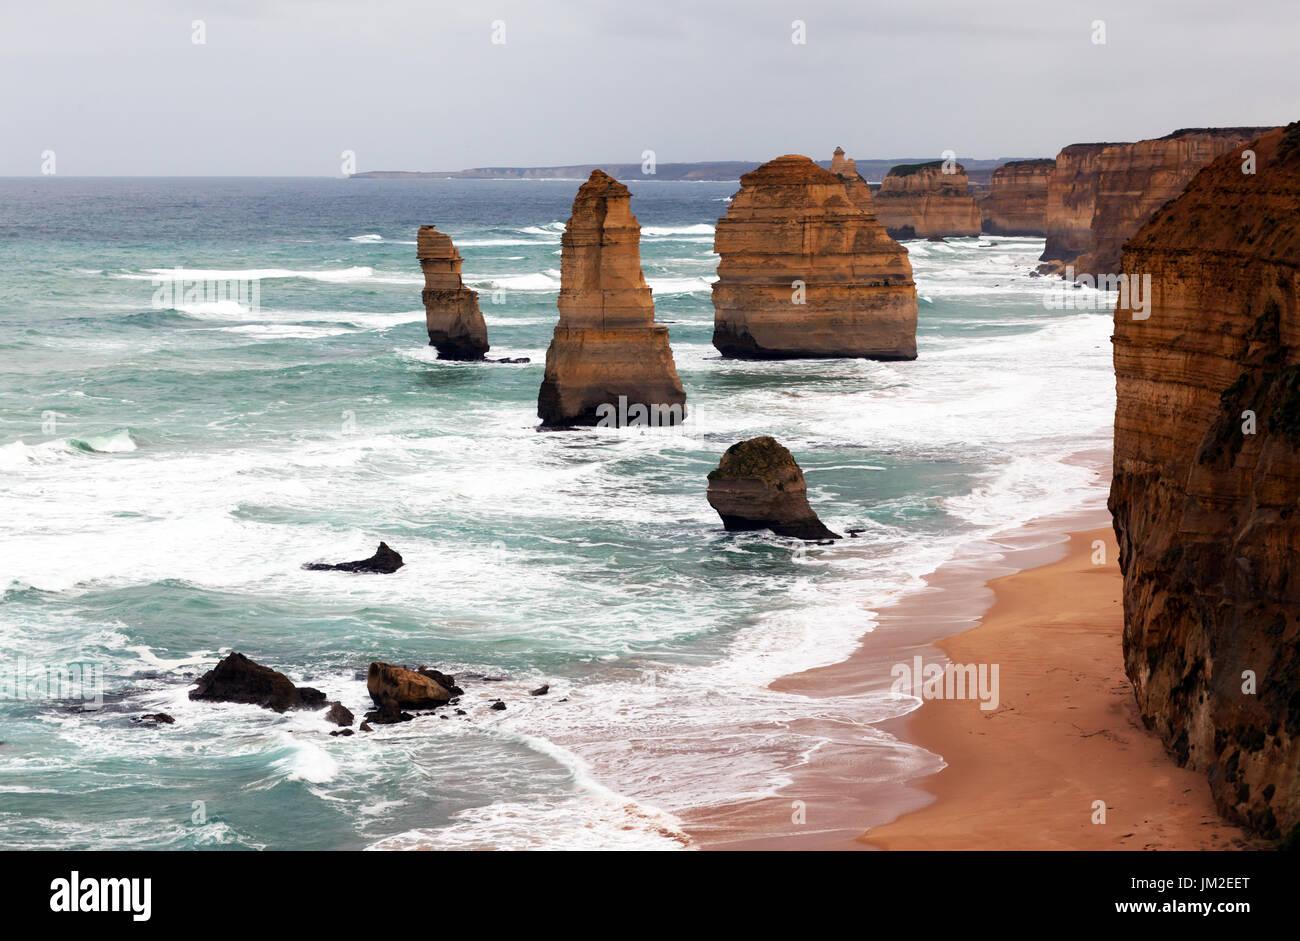 Matin voir , de 'Les douze apôtres, Port Campbell National Park, Victoria, Australie Photo Stock